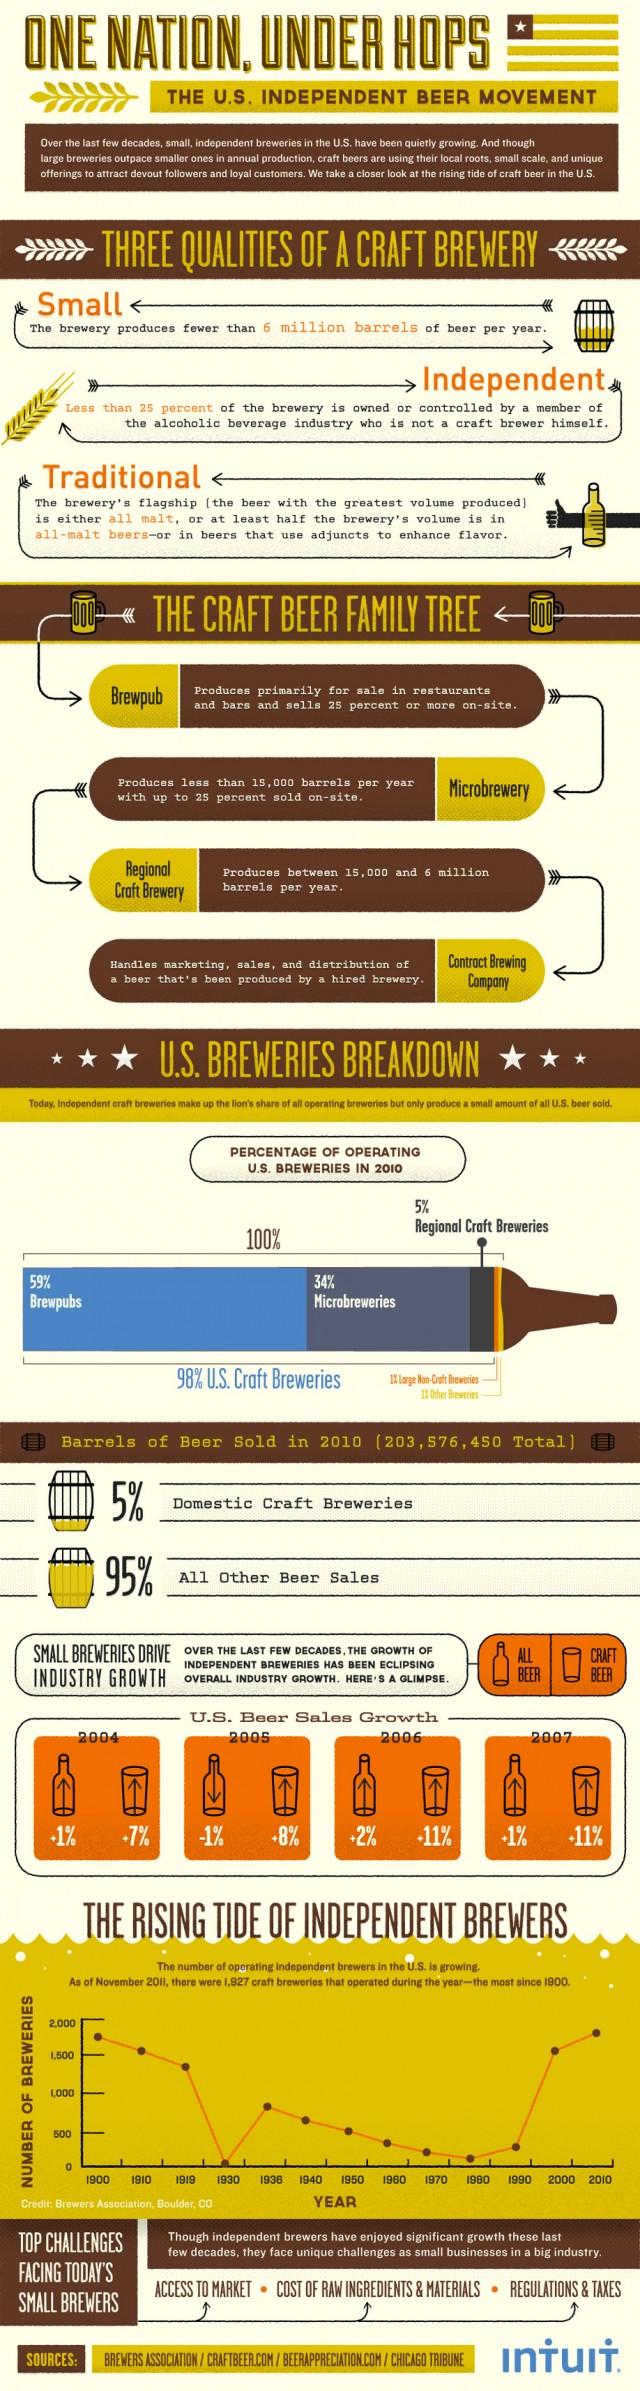 Independent Beer Movement Statistics